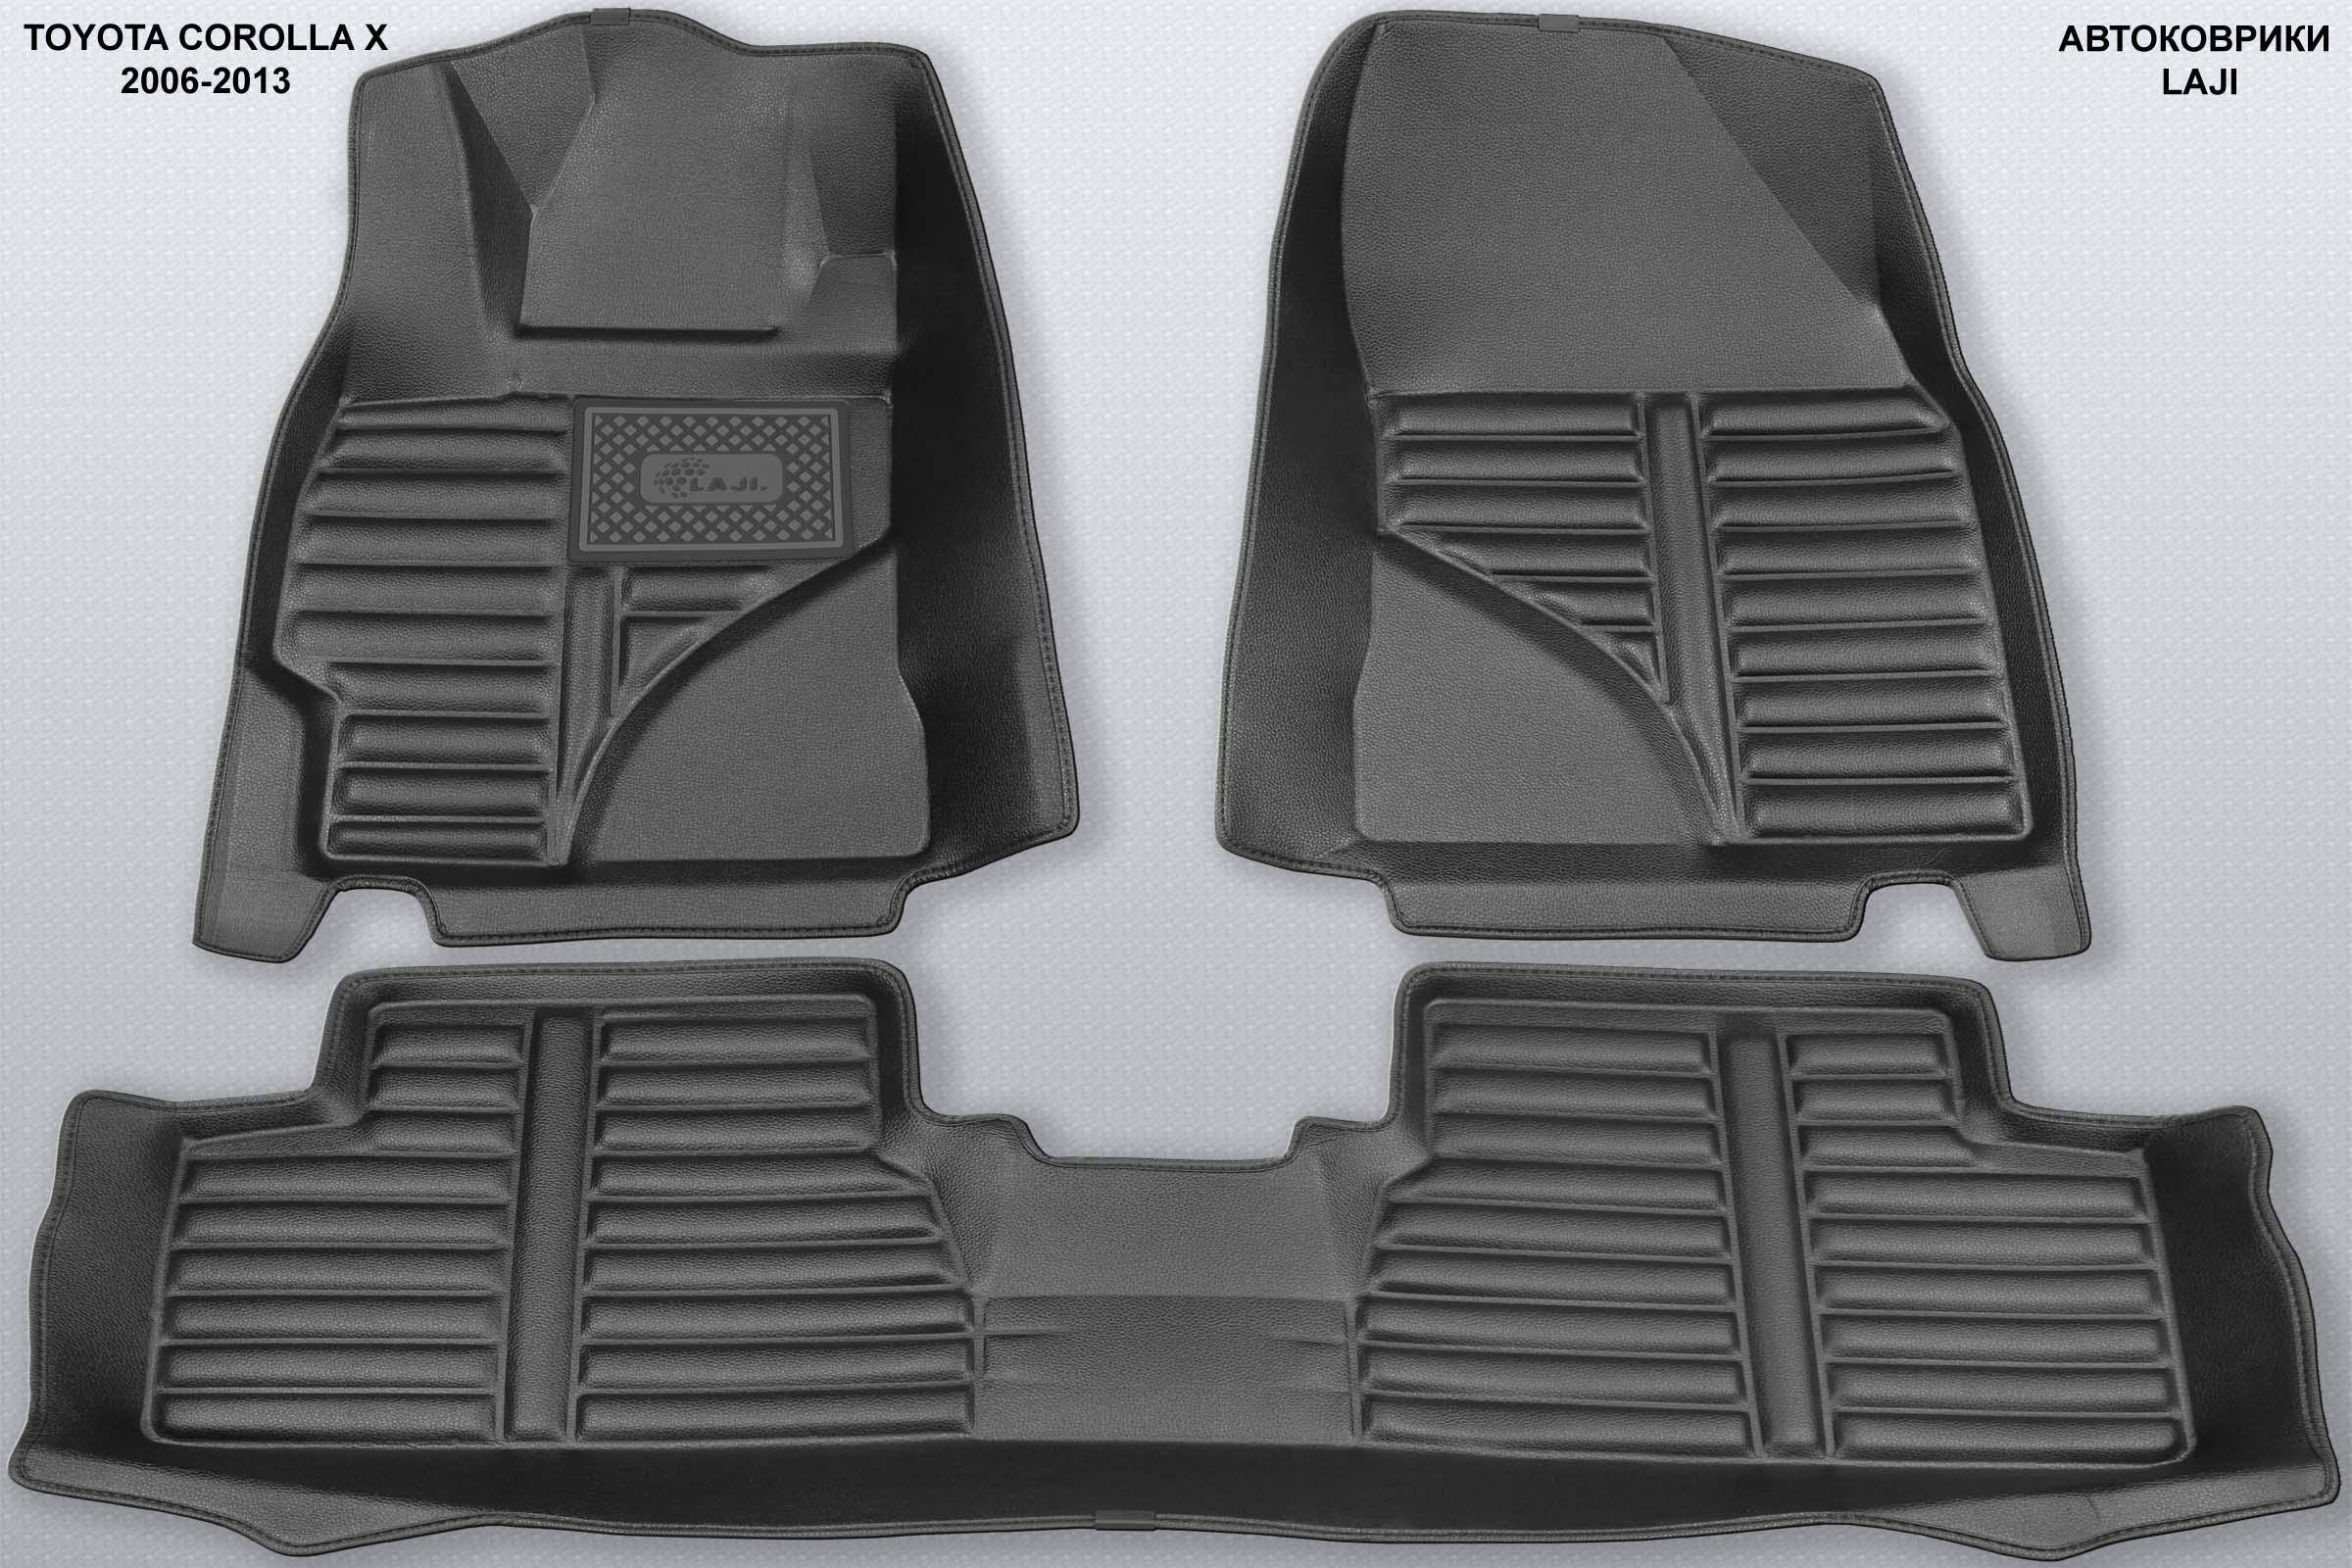 5D коврики в салон Toyota Corolla E140 2006-2013 1